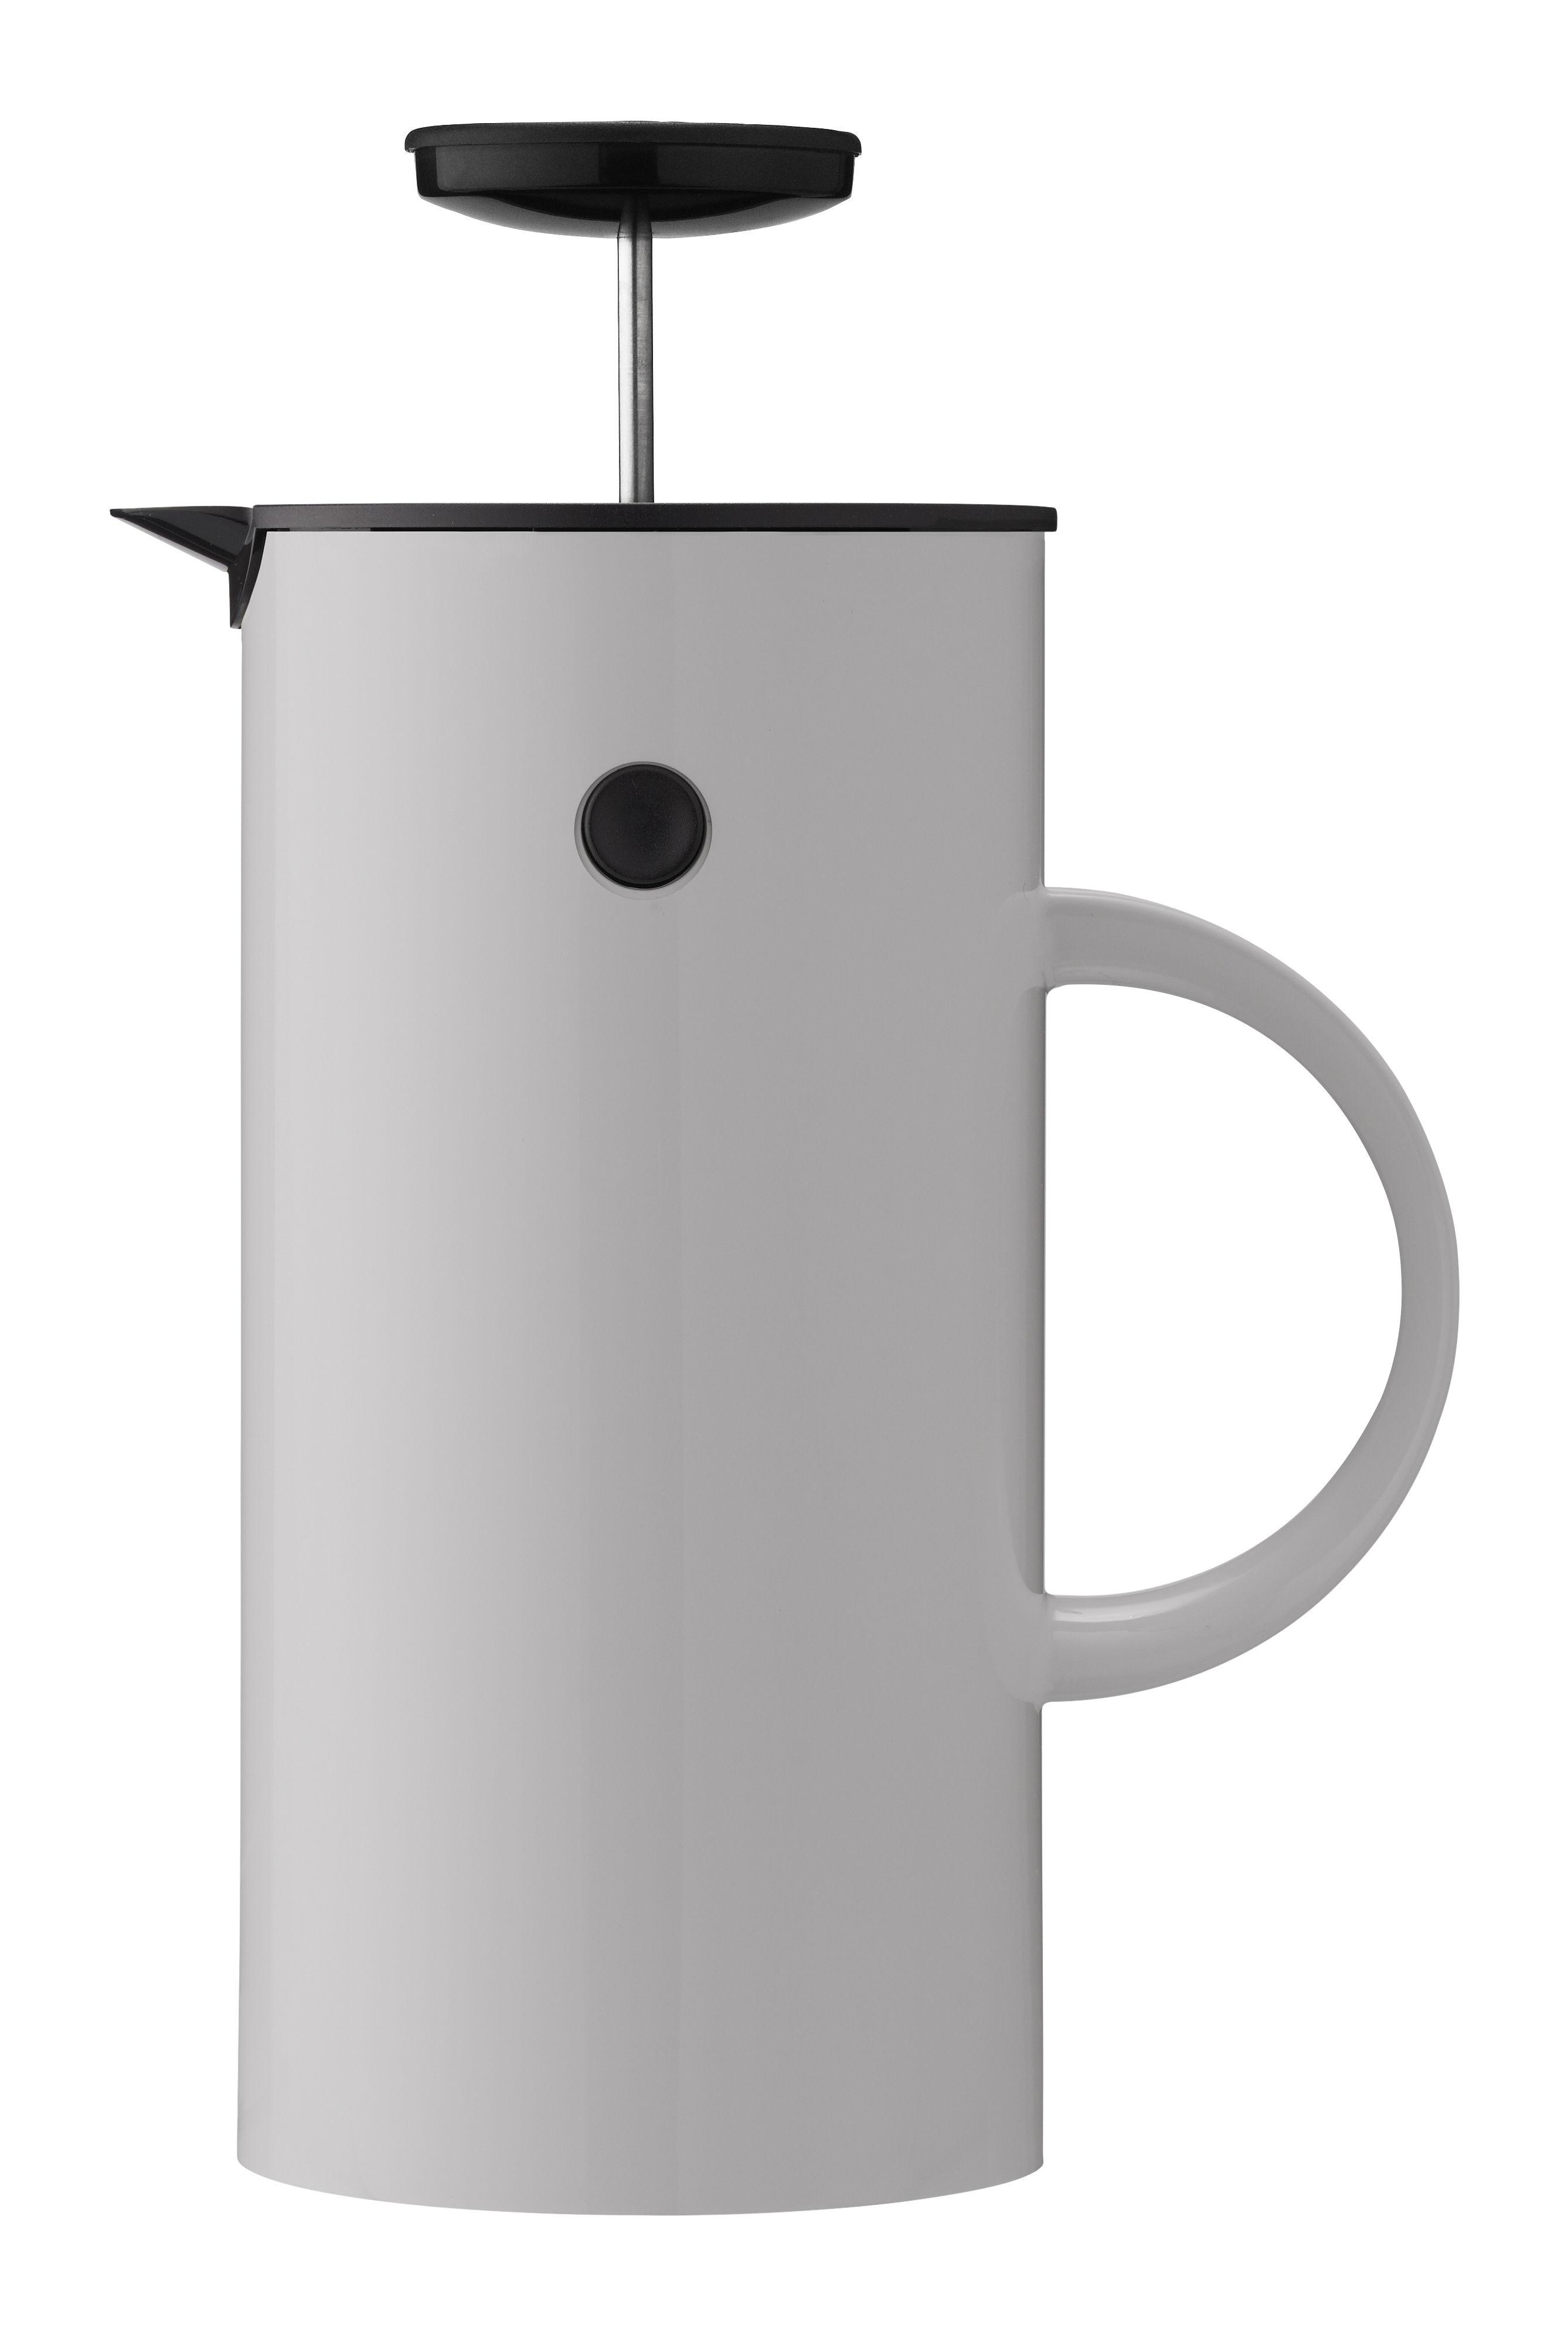 Küche - Teekannen und Wasserkessel - Classic Teebereiter / fasst 8 Tassen - Stelton - Hellgrau - ABS, rostfreier Stahl